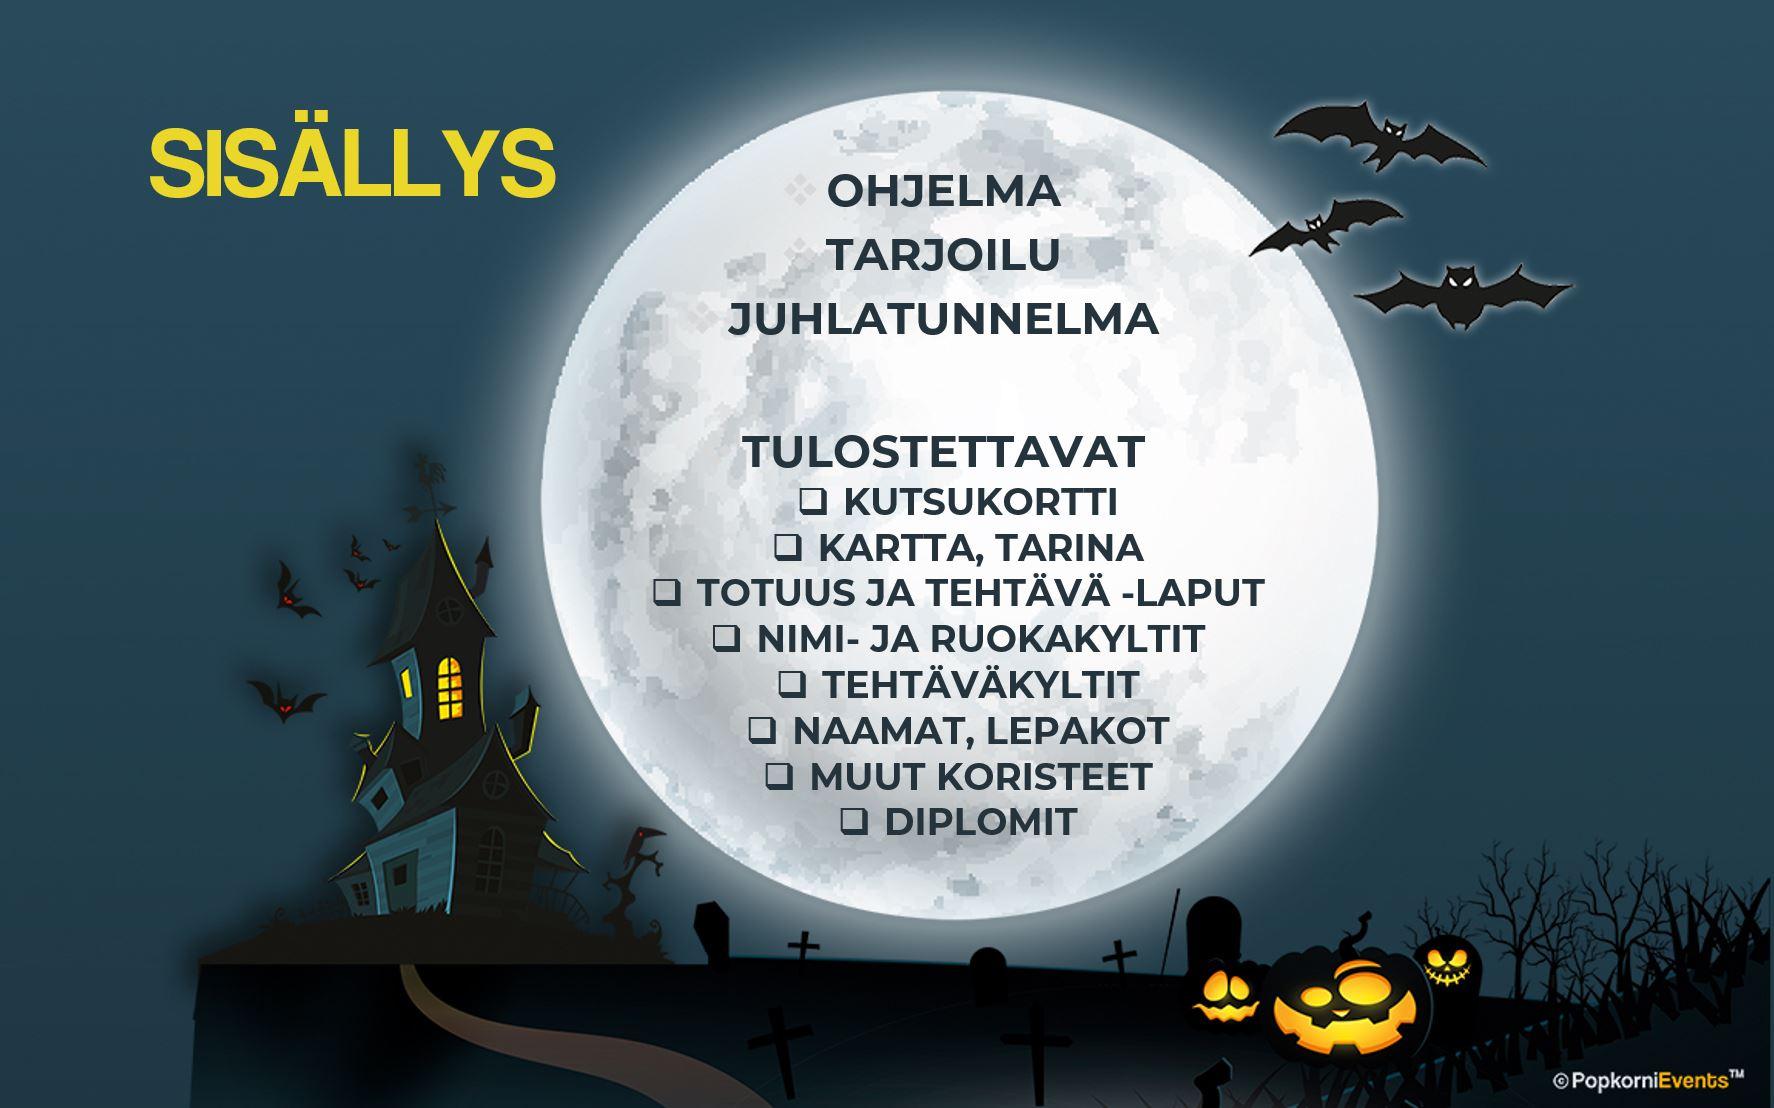 Halloween juhlat lapsille, digitaalinen juhlapaketti, sisältö